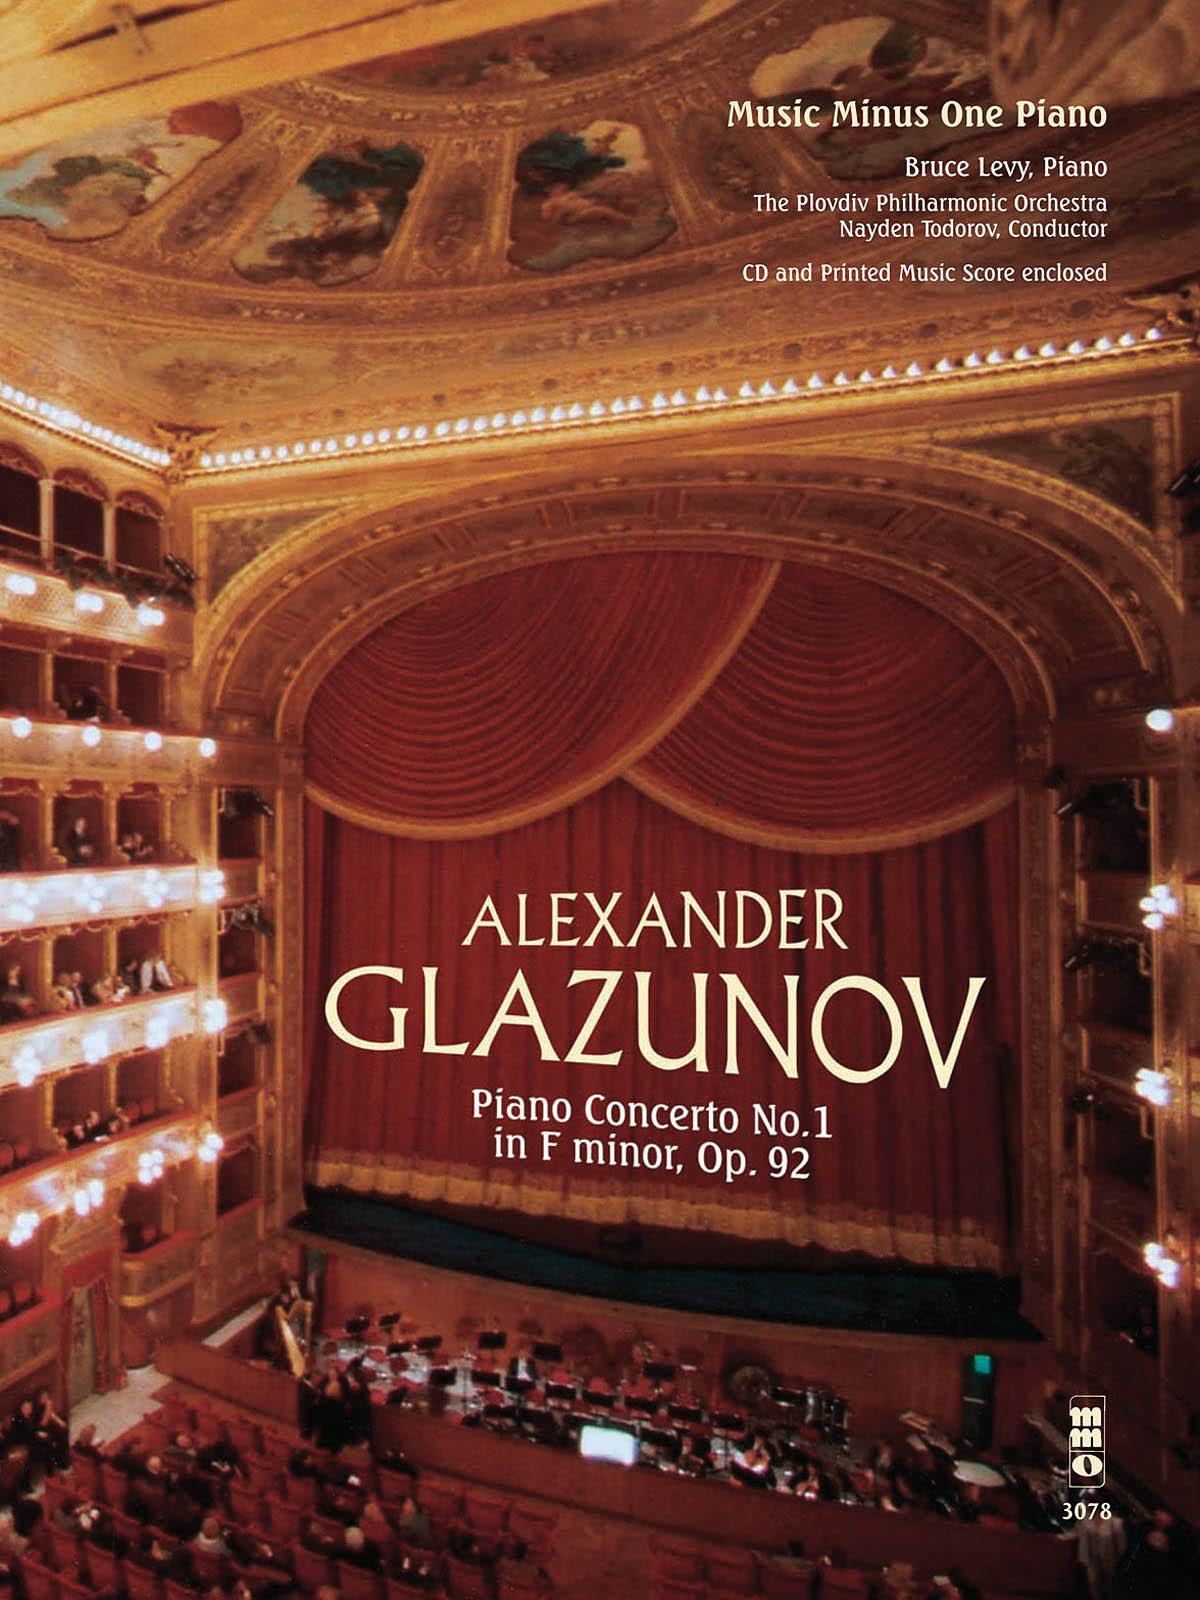 Alexander Glazunov: Glazunov - Concerto No. 1 in F Minor  Op. 92: Piano: